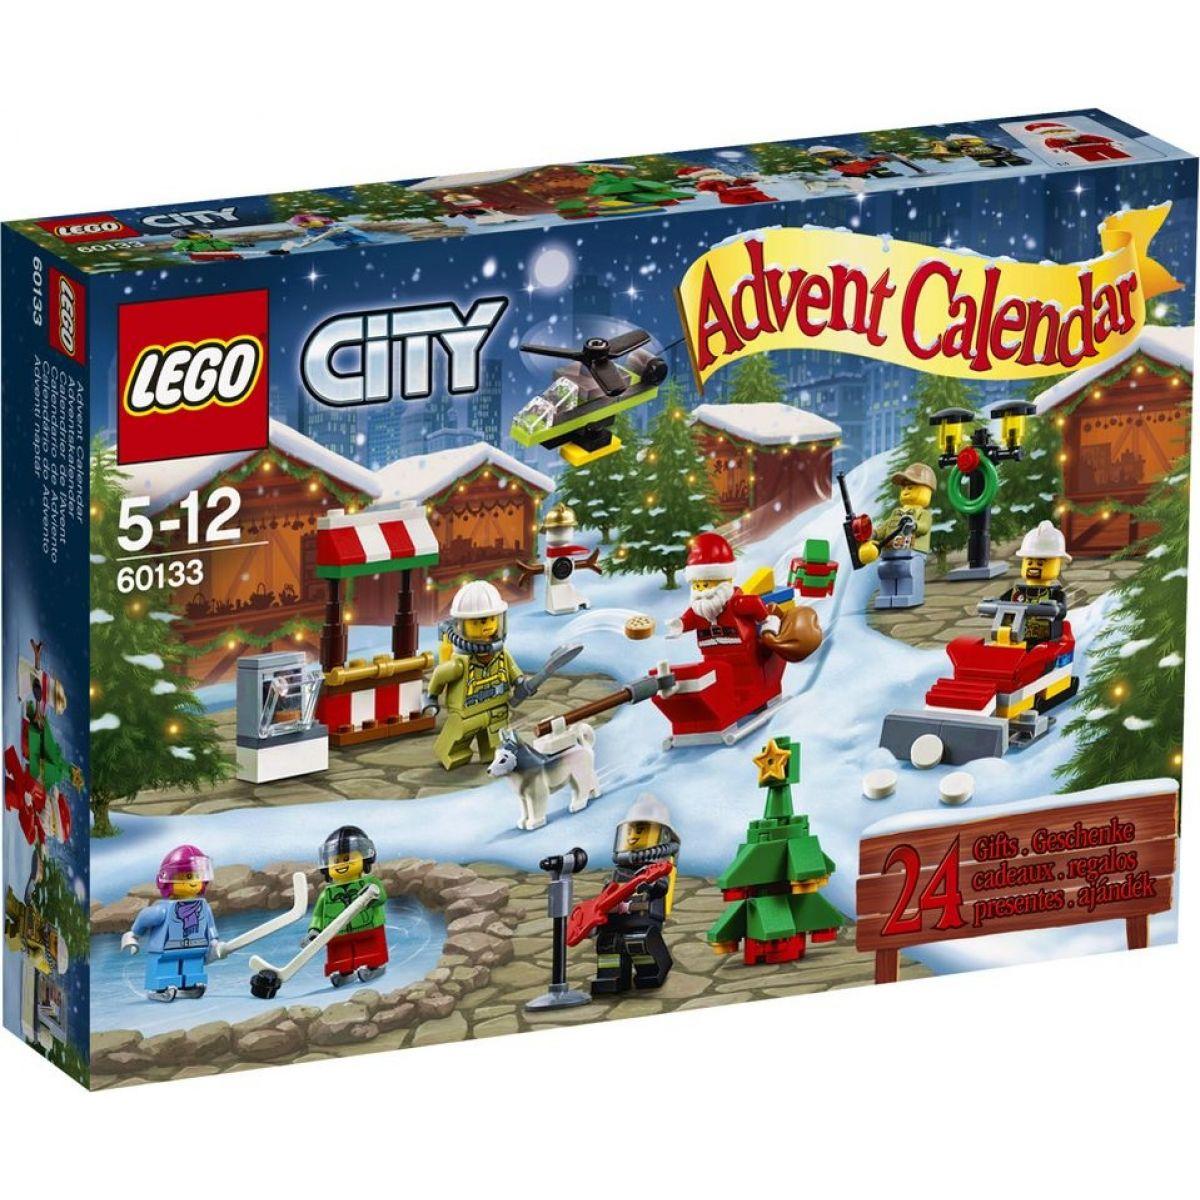 LEGO City 60133 Adventní kalendář